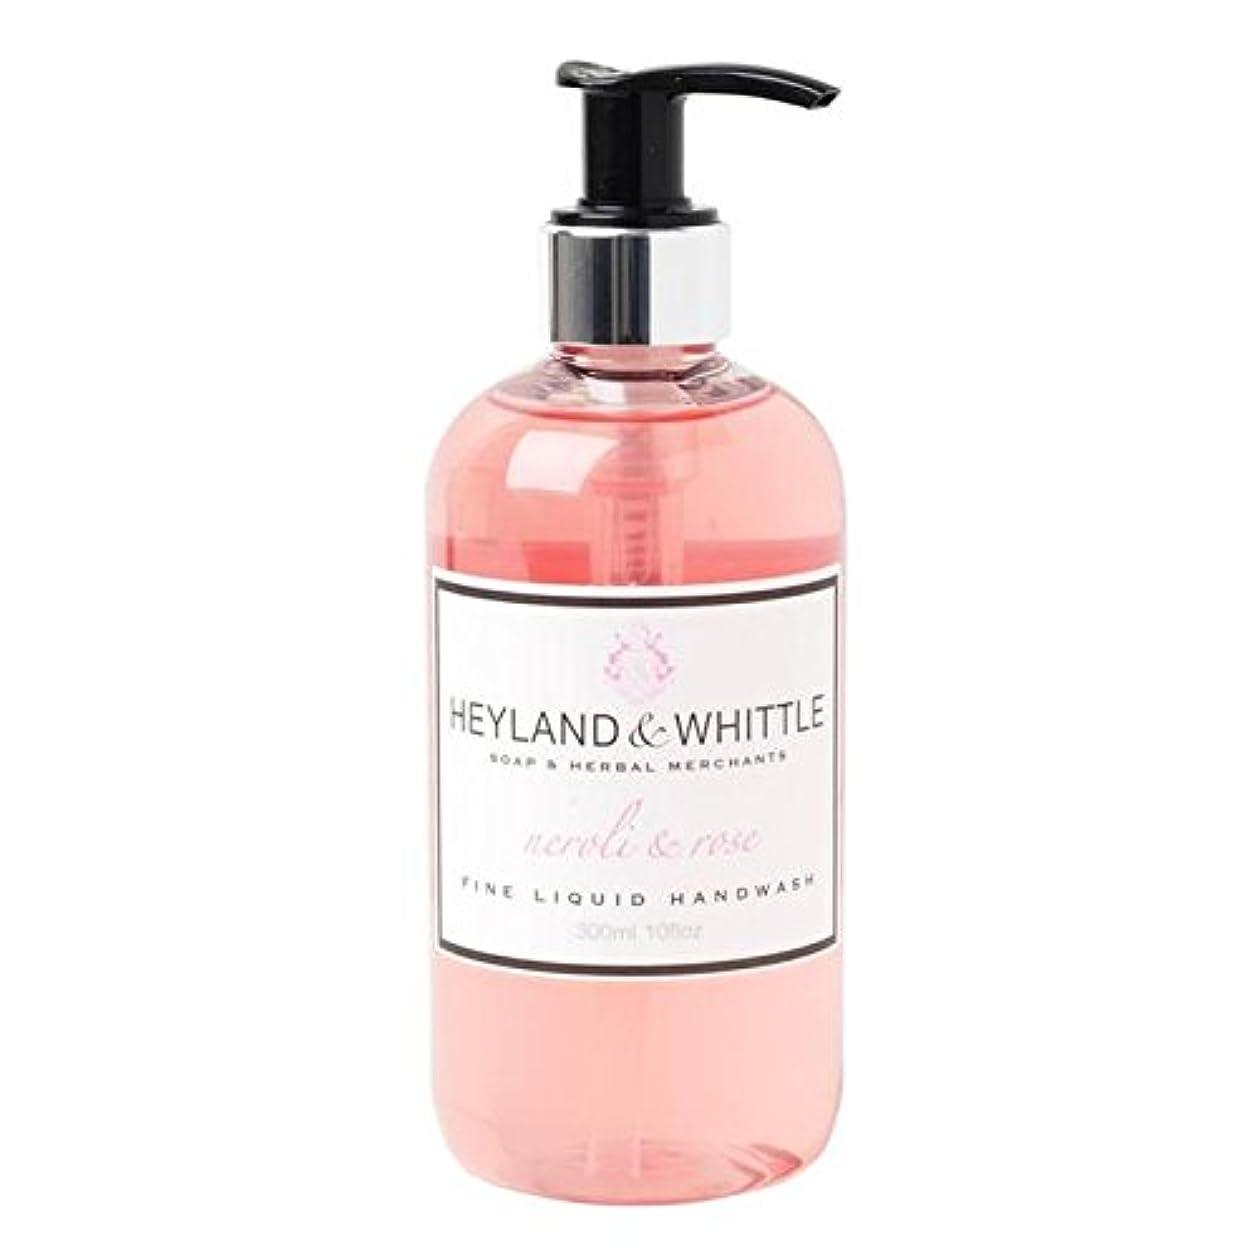 幸運なタフ慰め&削るネロリ&手洗いの300ミリリットルをバラ x2 - Heyland & Whittle Neroli & Rose Handwash 300ml (Pack of 2) [並行輸入品]